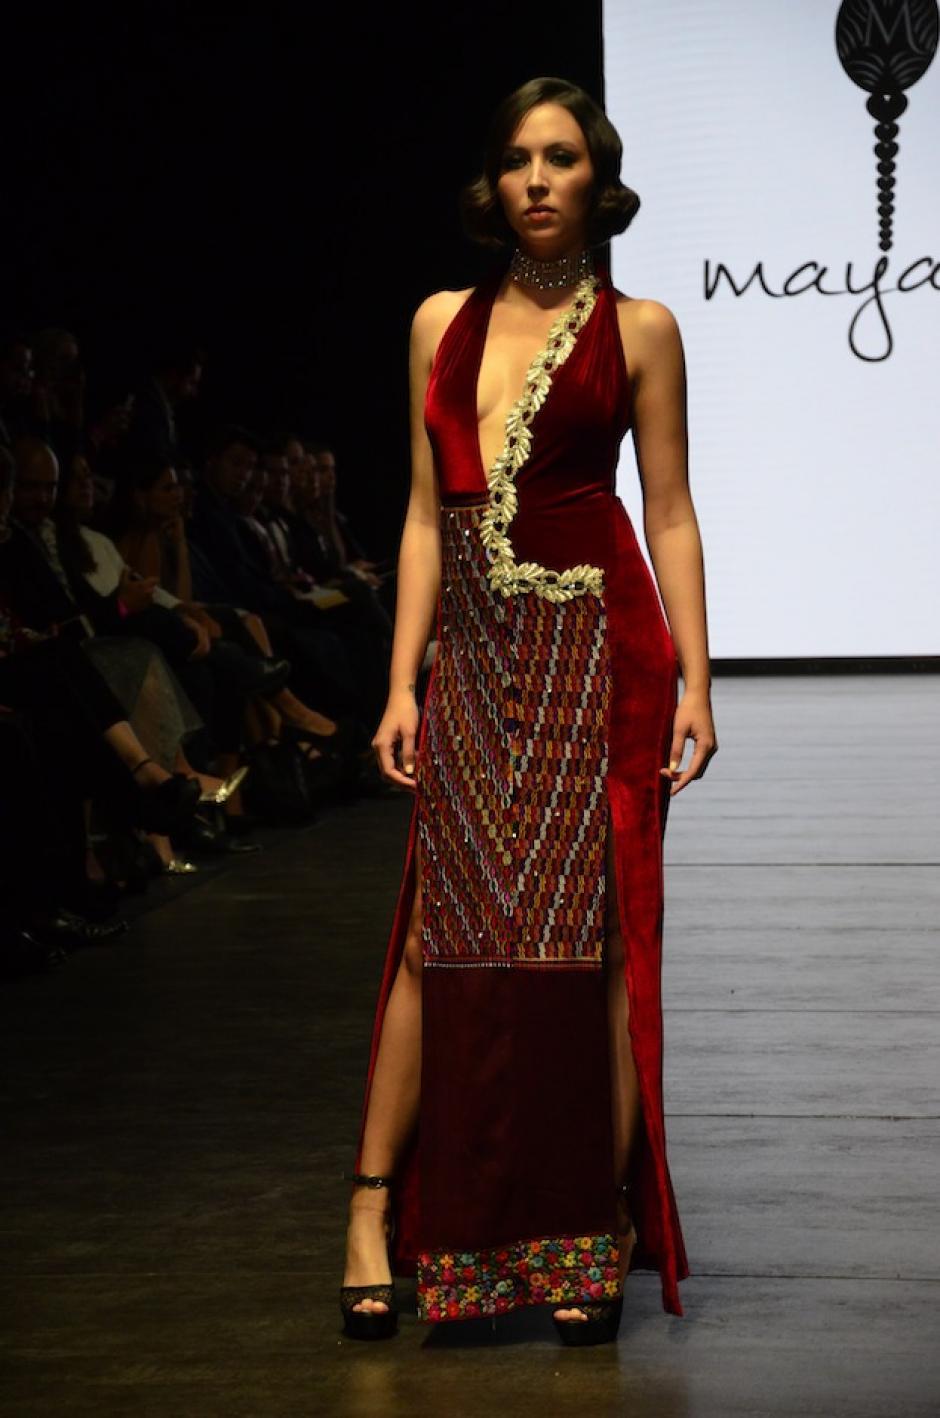 Mayanz propone looks llenos de nostalgia. (Foto: Selene Mejía/Sdoy502)